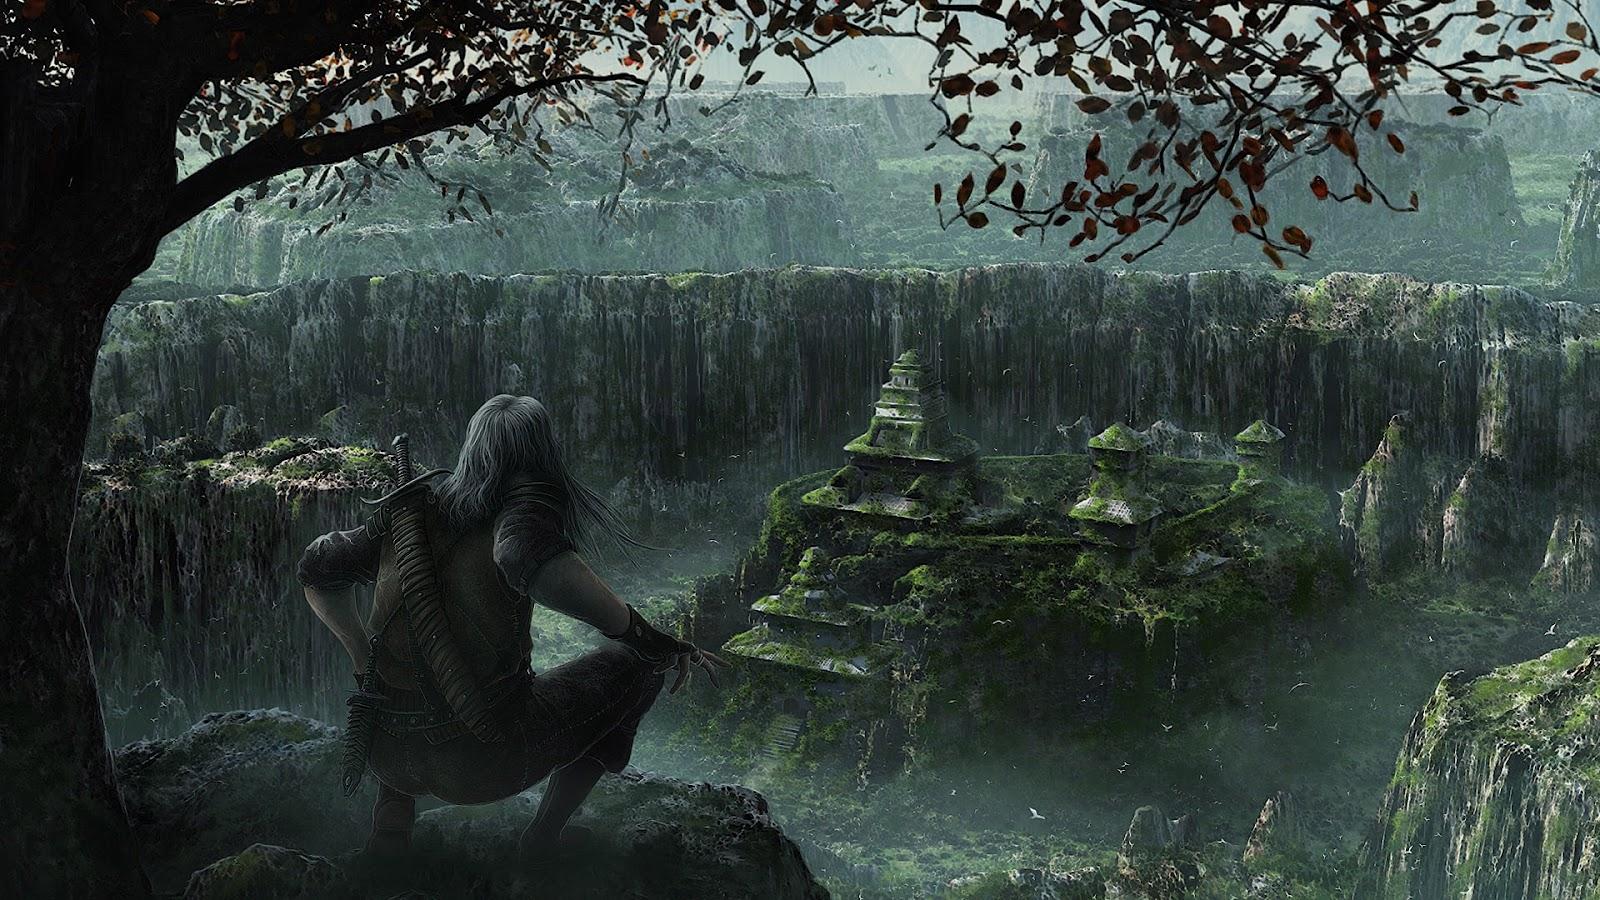 http://2.bp.blogspot.com/-ItaZi5y6Q7k/T2YEMnhduQI/AAAAAAAAK4U/BpBiqNHJQZg/s1600/Other_Worlds_fantasy_city_Wallpaper+1920x1080.jpg